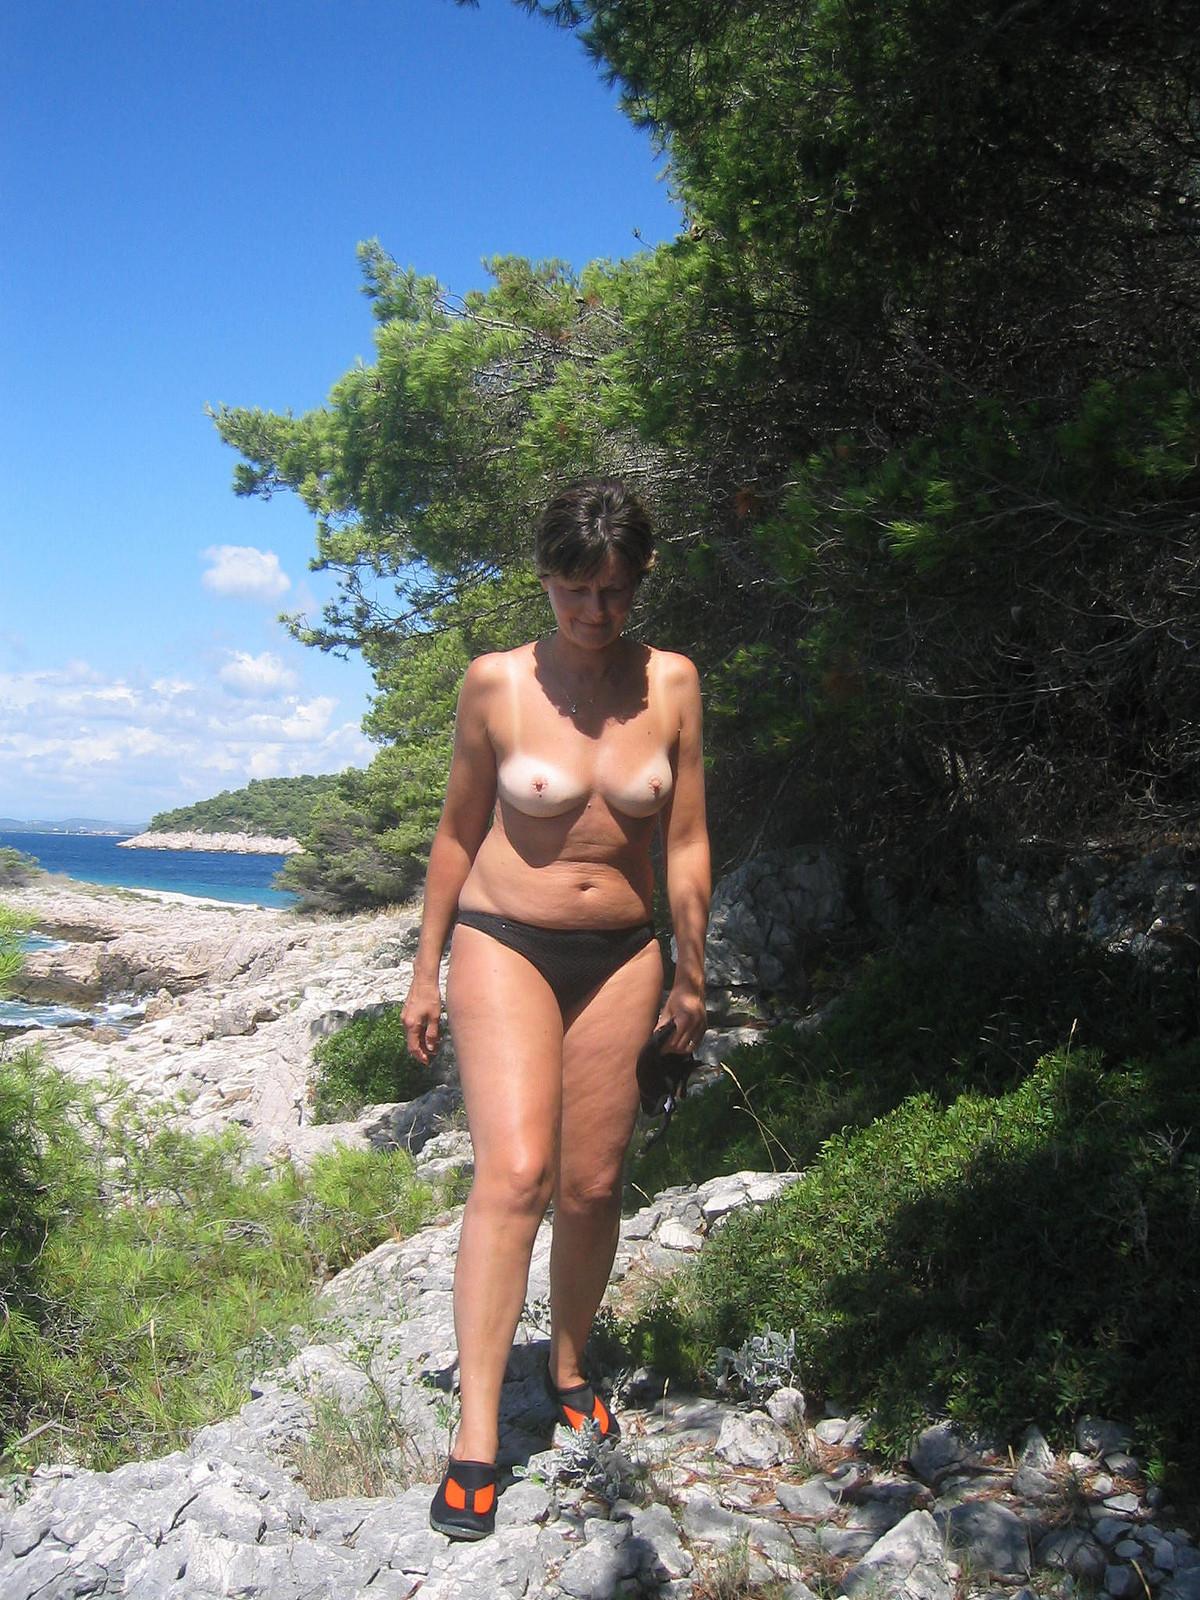 Пляжная эротика - компиляция 9